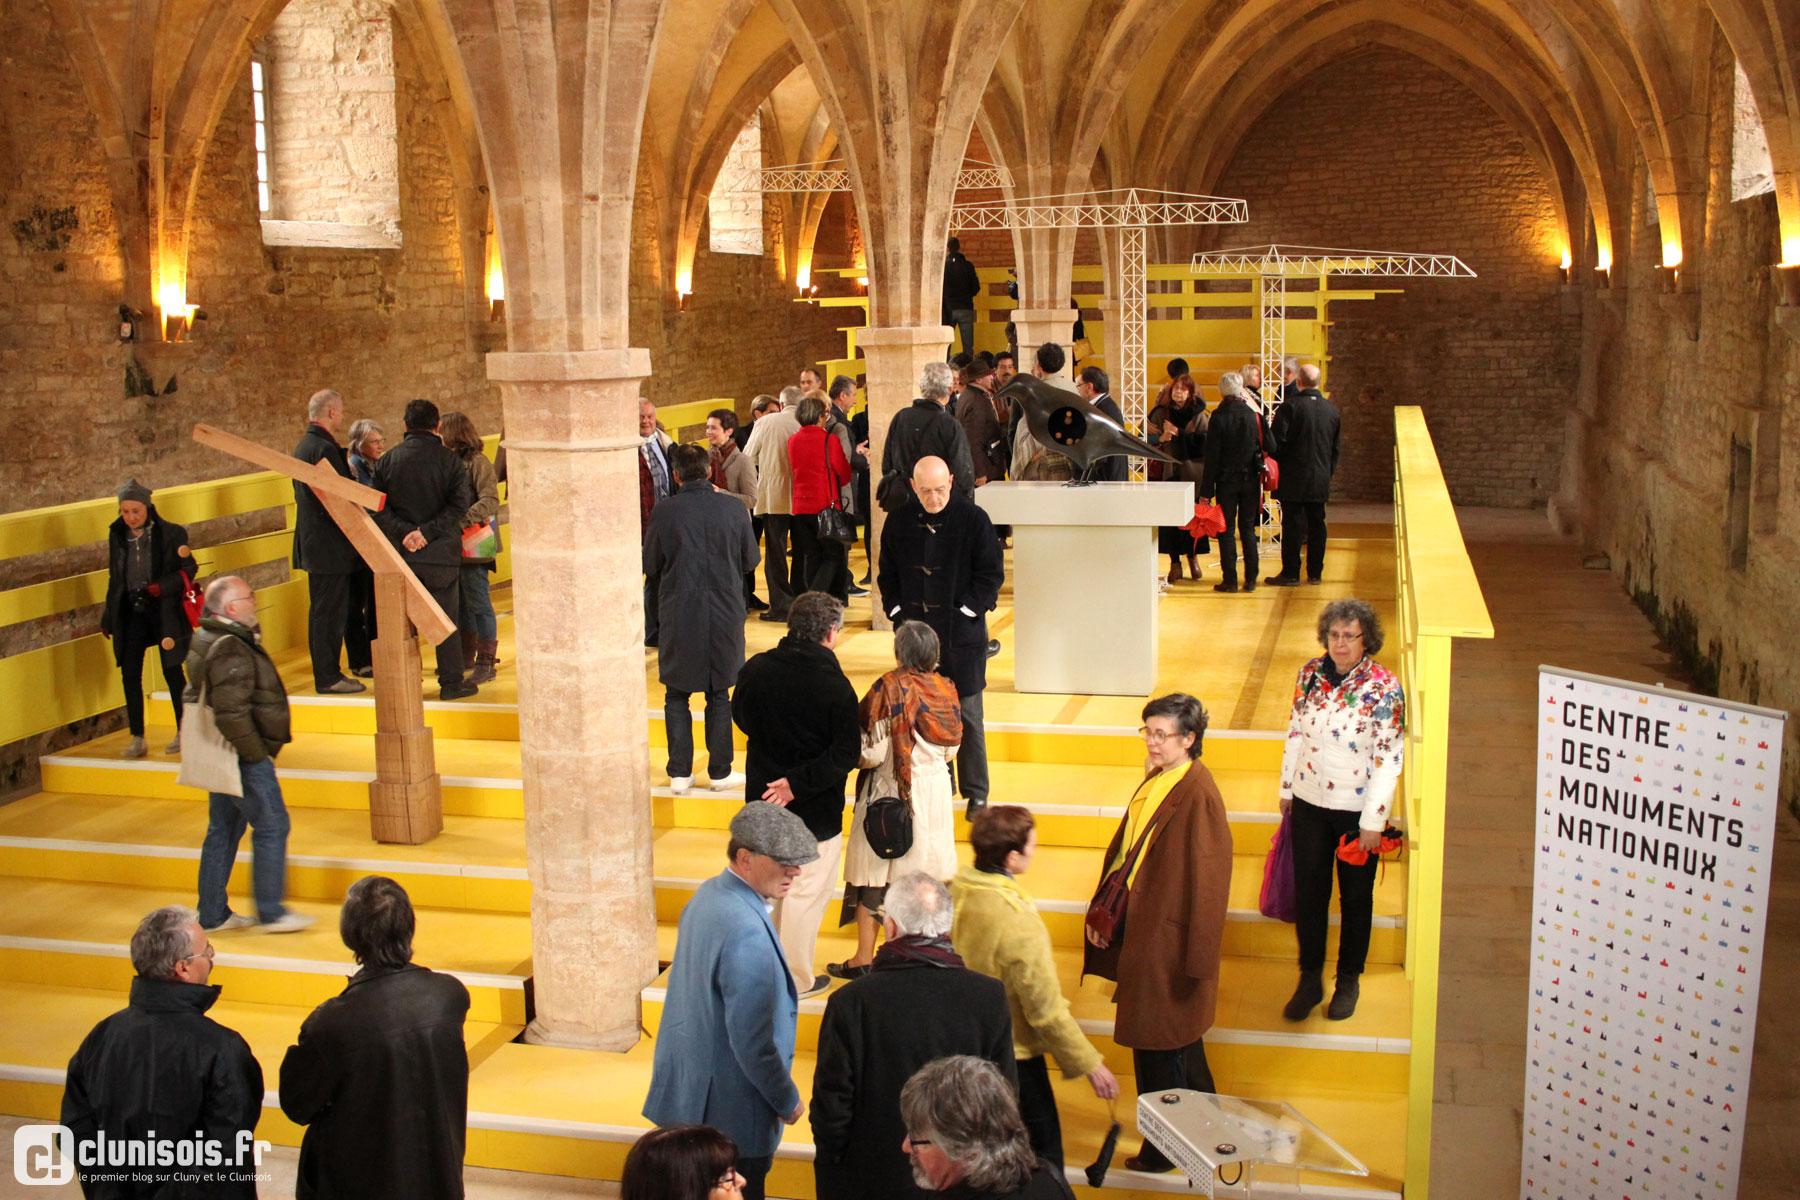 expo-triqueti-saison3-abbaye-cluny-2016-photo-clunisois-08